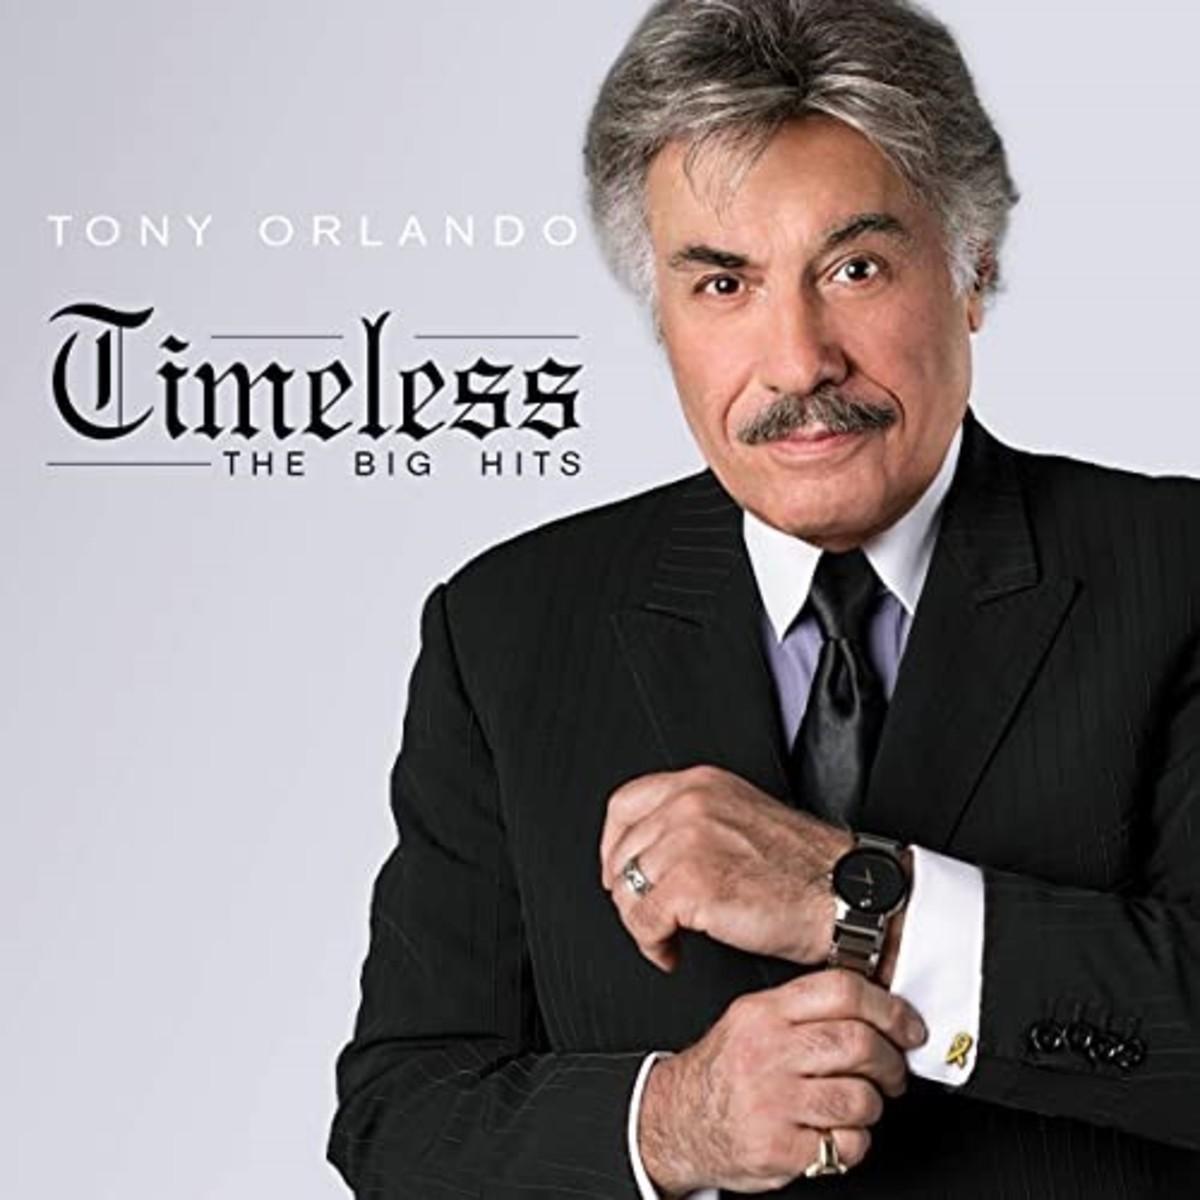 Tony Orlando cover